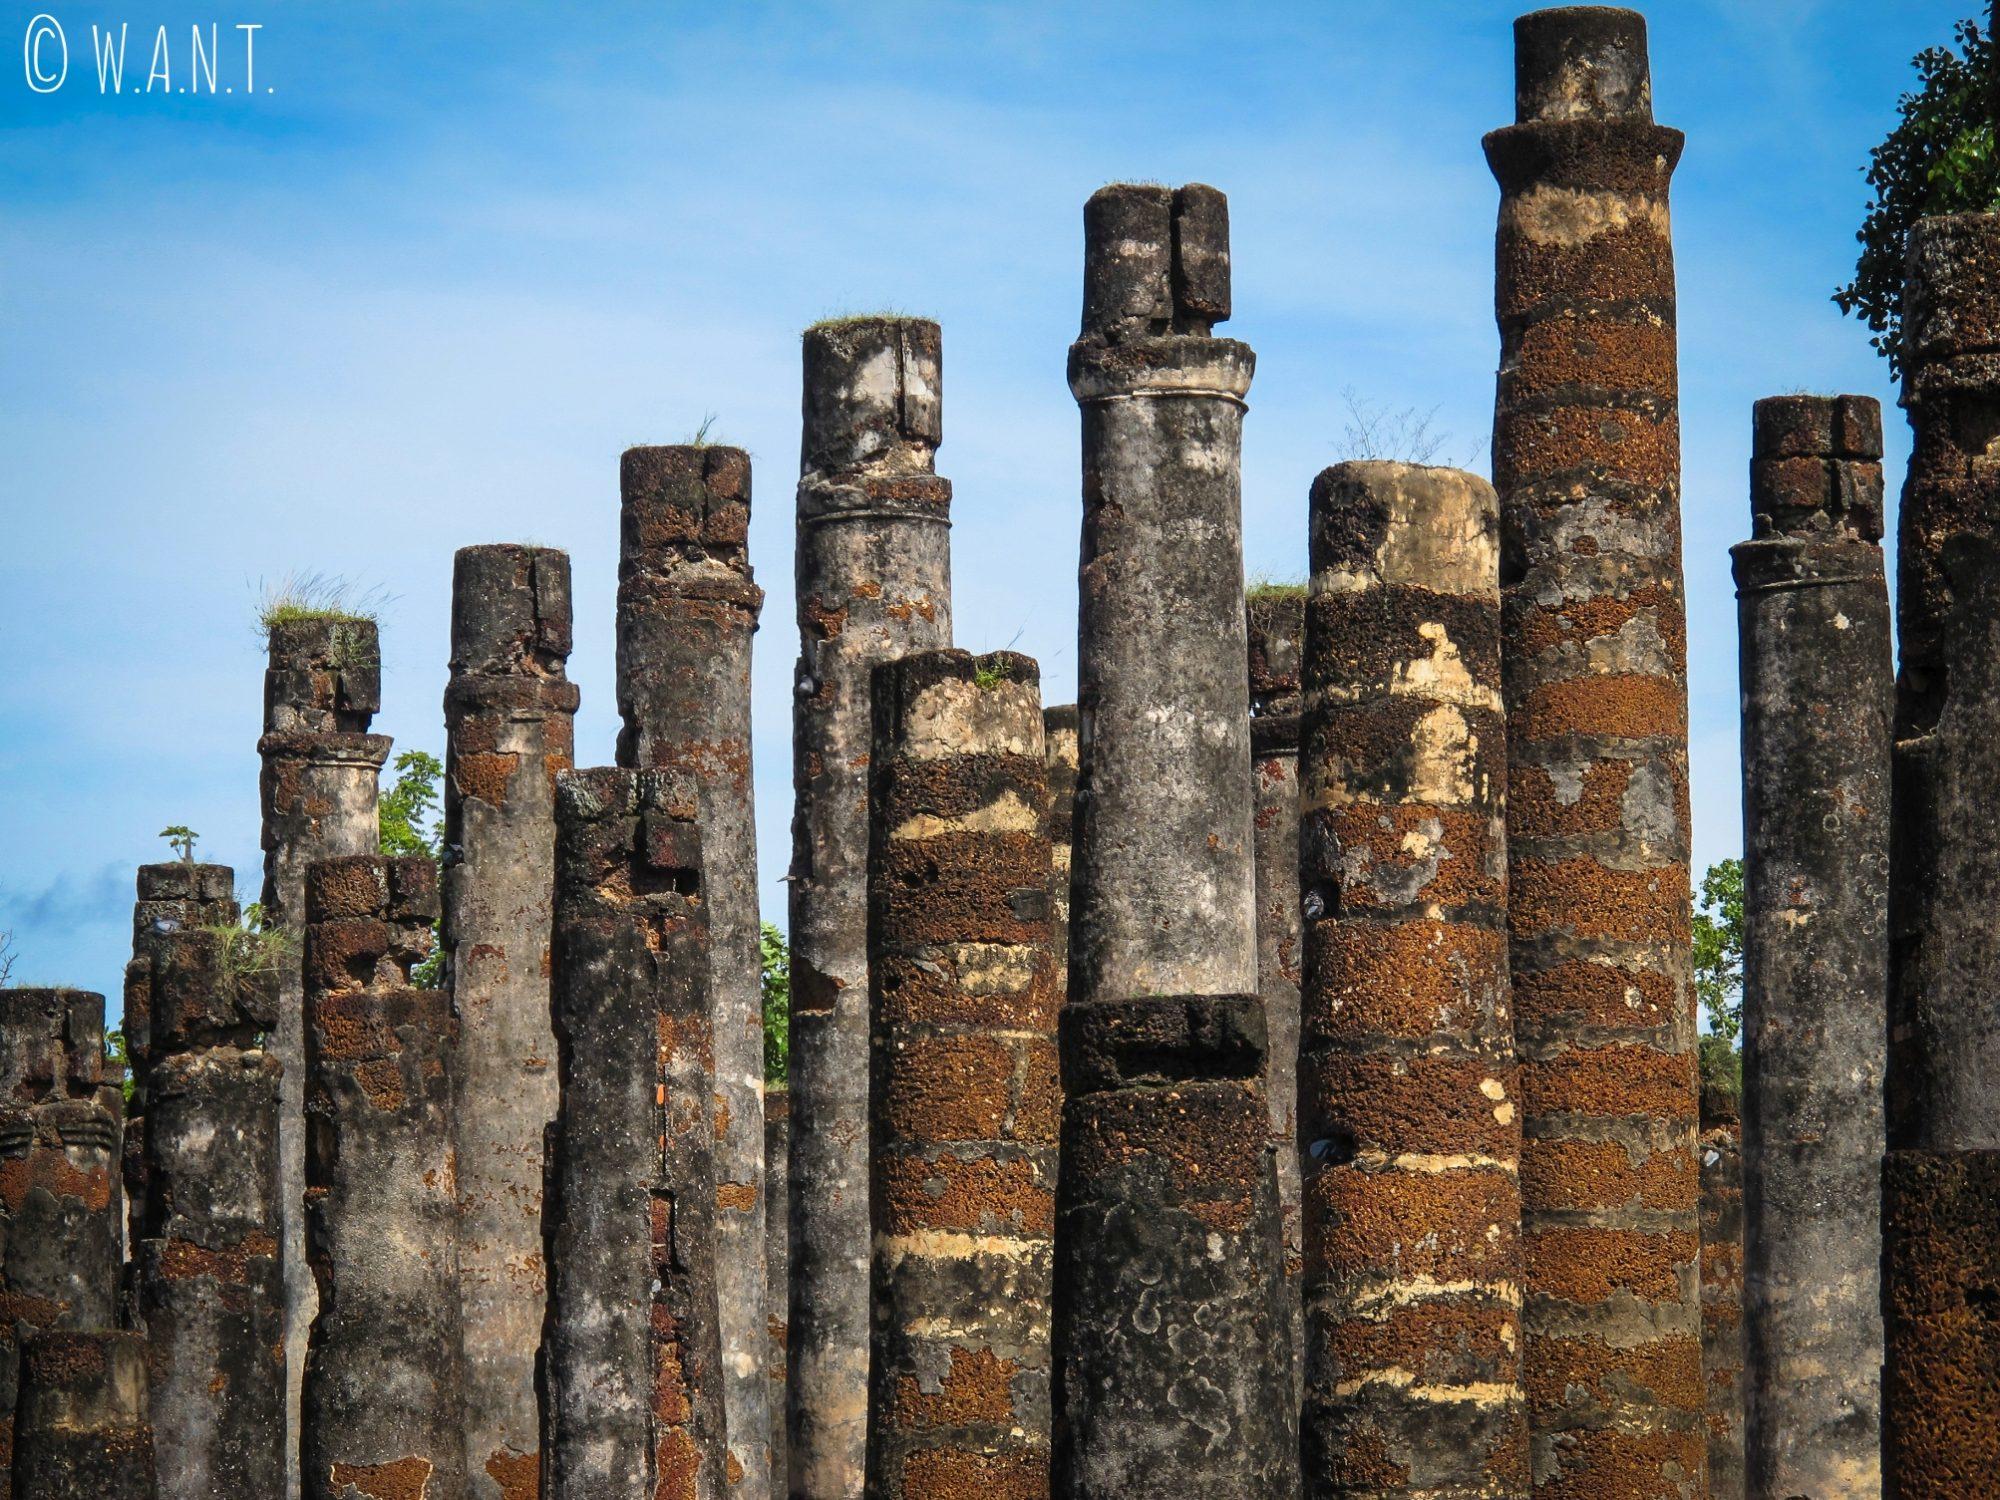 Colonnes du Wat Mahathat, temple principal de la zone centrale de Sukhothai